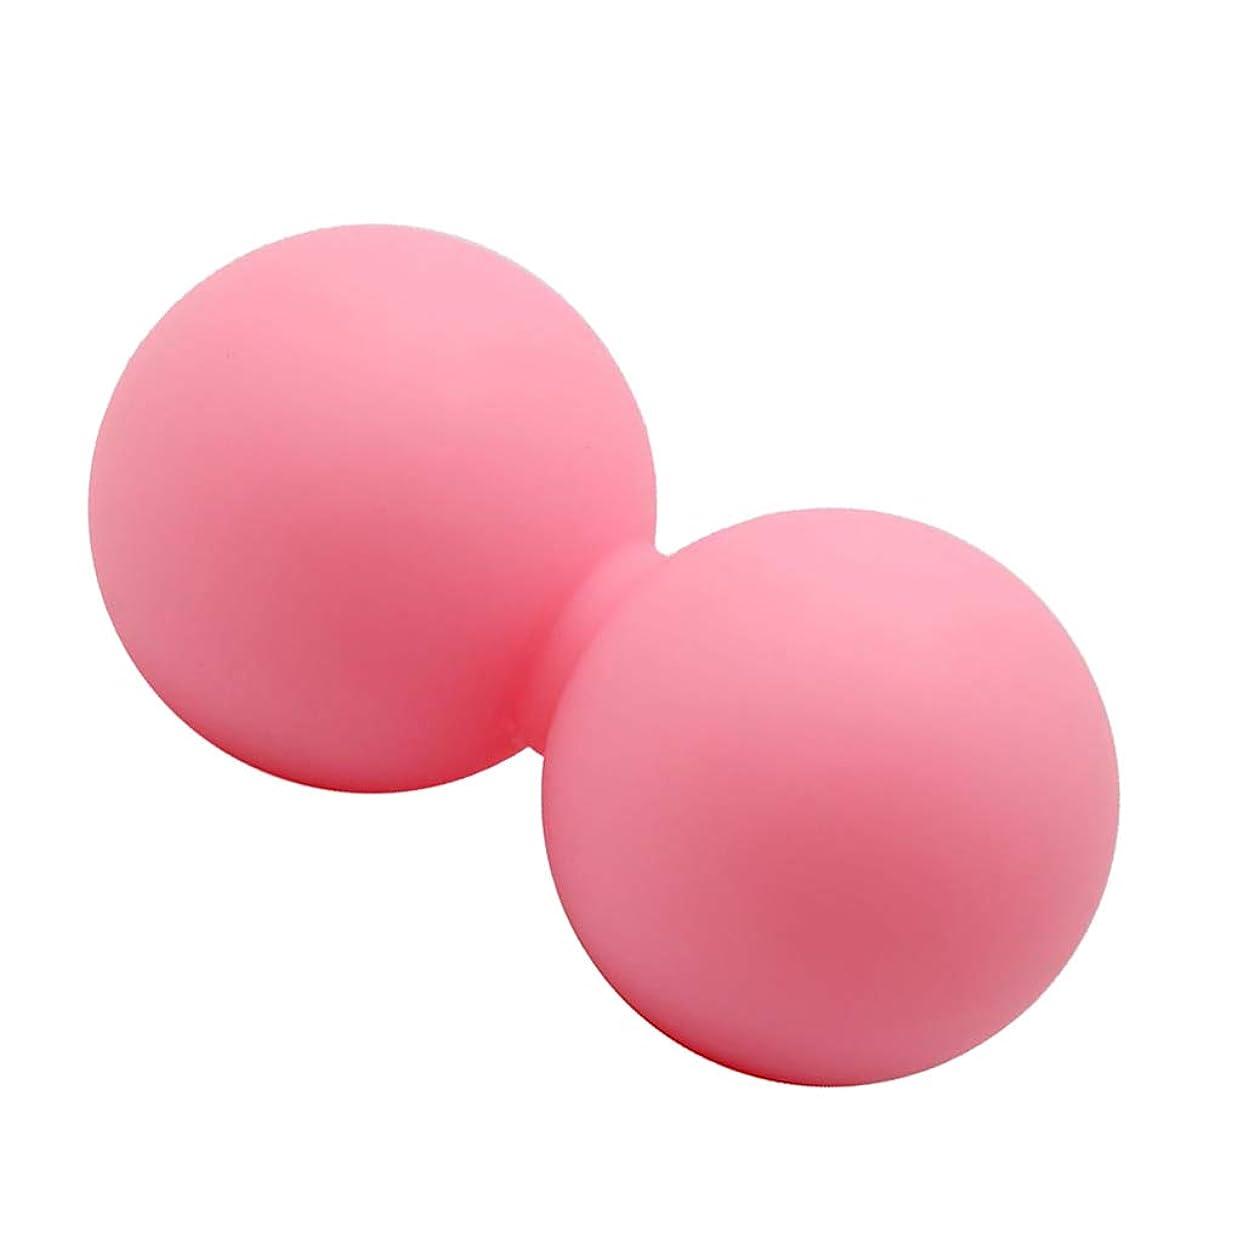 孤独な薄暗い合金Baoblaze マッサージ ヨガボール ピーナッツ形 痛み緩和 ピンク